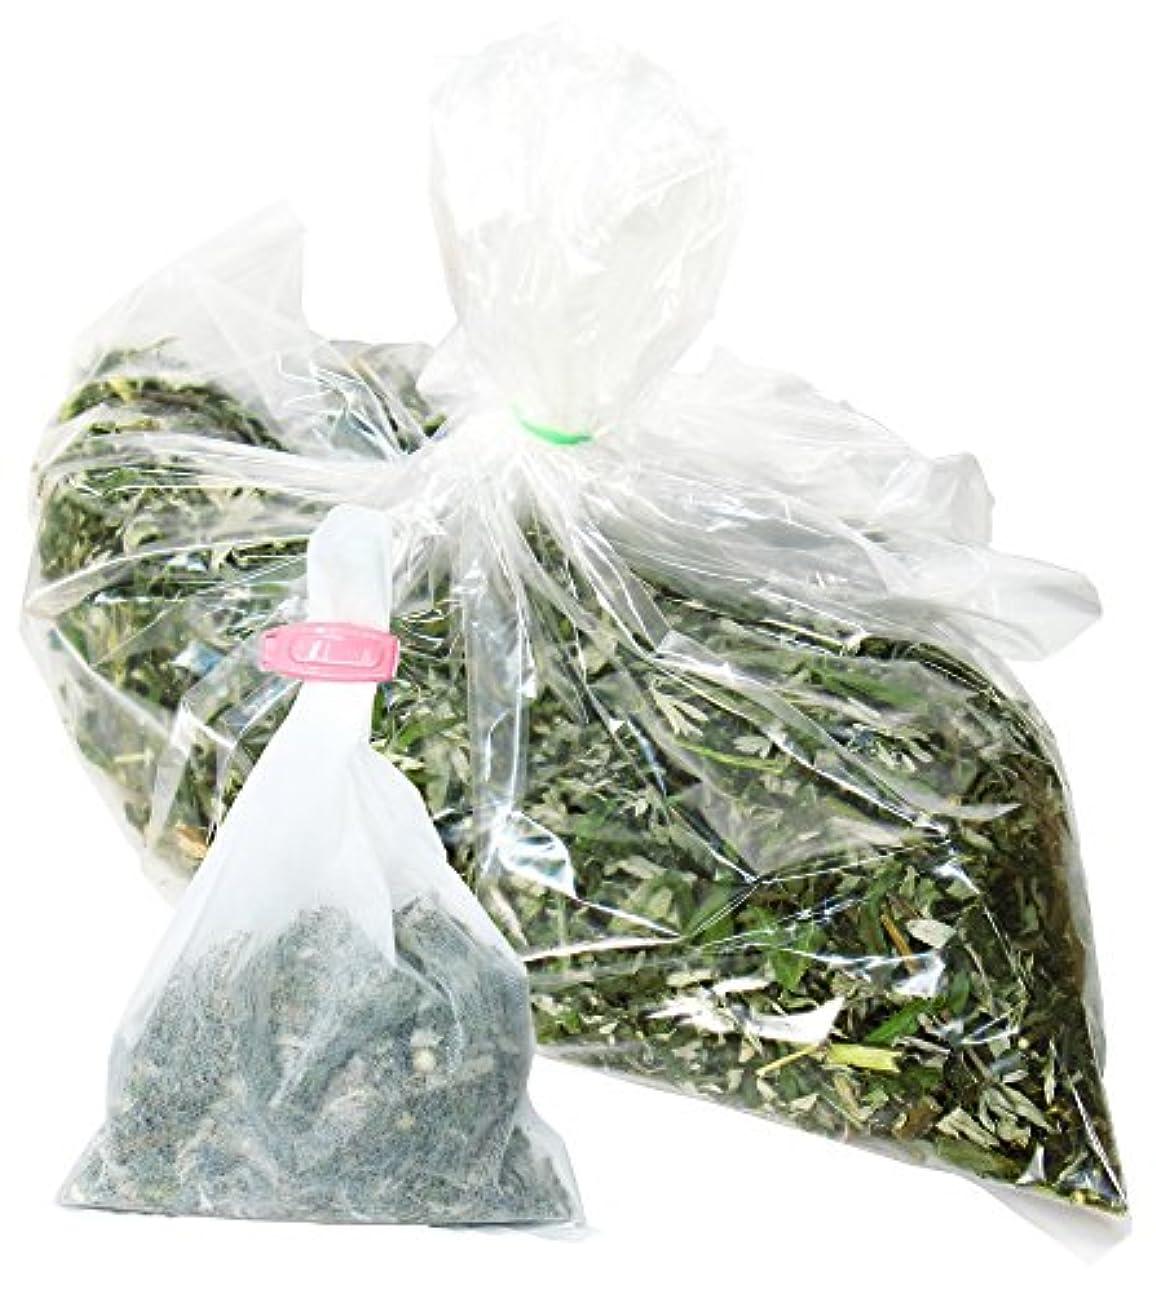 ディーラー方法インド自然健康社 よもぎ蒸しのよもぎ 250g 乾燥刻み 煮出し袋10枚付